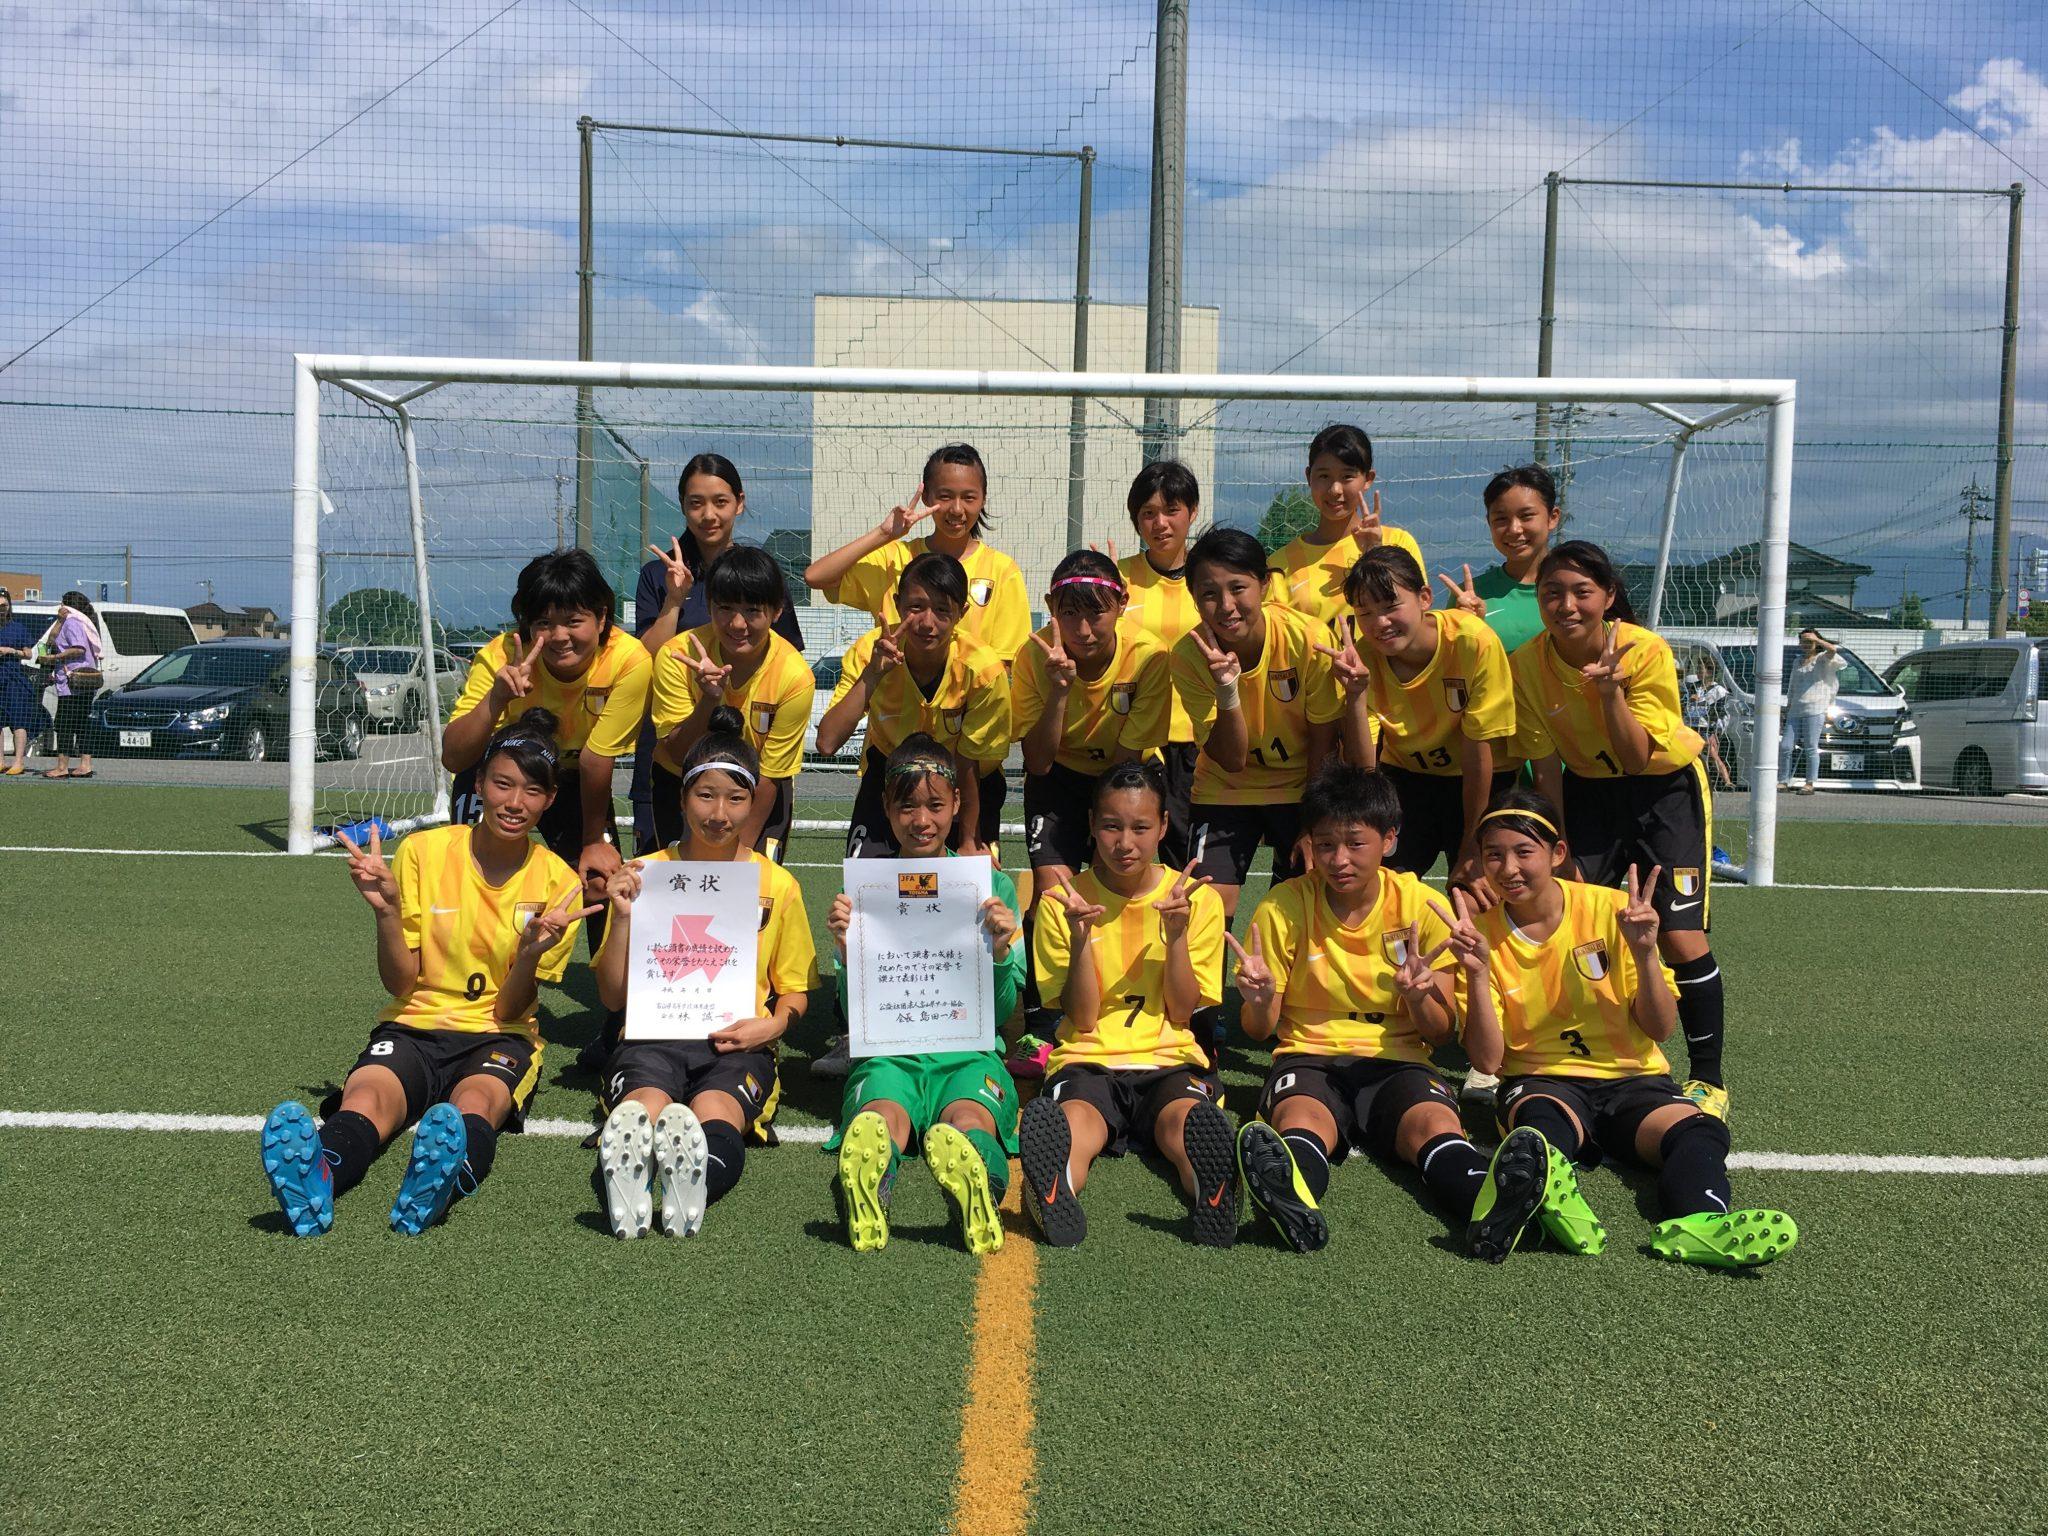 高校 サッカー 選手権 女子 全日本